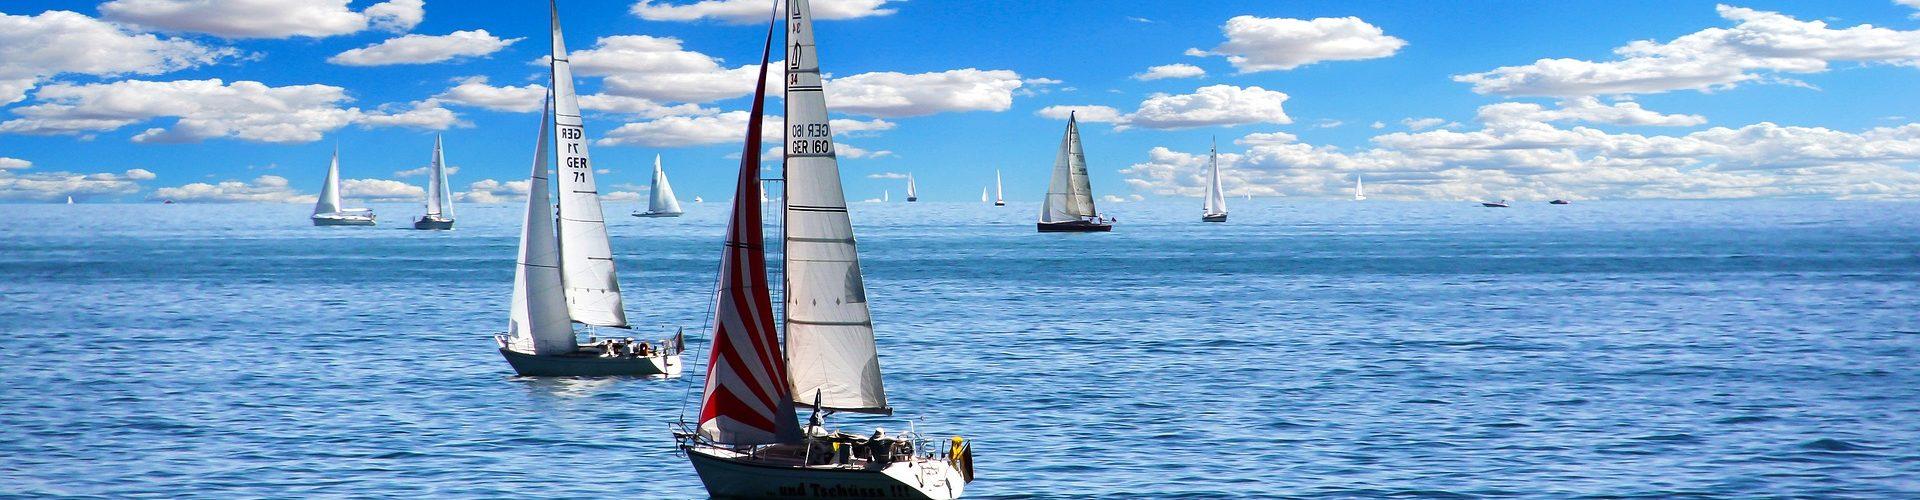 segeln lernen in Aurich segelschein machen in Aurich 1920x500 - Segeln lernen in Aurich